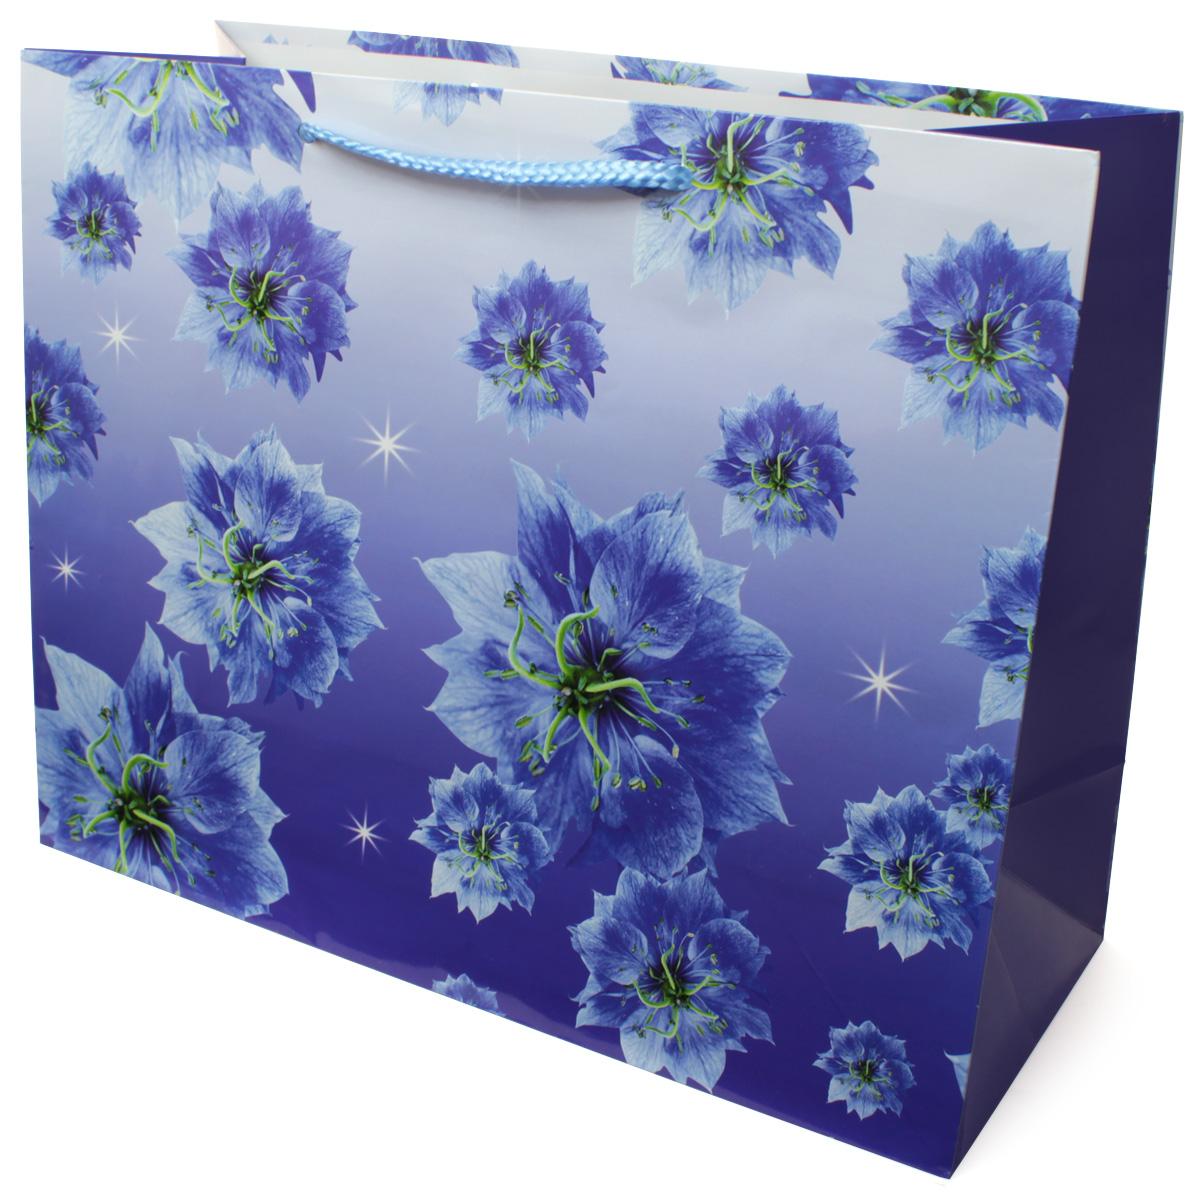 Пакет подарочный МегаМАГ Цветы, 32,7 х 26,4 х 13,6 см. 814 LH814 LHПодарочный пакет МегаМАГ, изготовленный из плотной ламинированной бумаги, станет незаменимым дополнением к выбранному подарку. Для удобной переноски на пакете имеются ручки-шнурки. Подарок, преподнесенный в оригинальной упаковке, всегда будет самым эффектным и запоминающимся. Окружите близких людей вниманием и заботой, вручив презент в нарядном, праздничном оформлении.